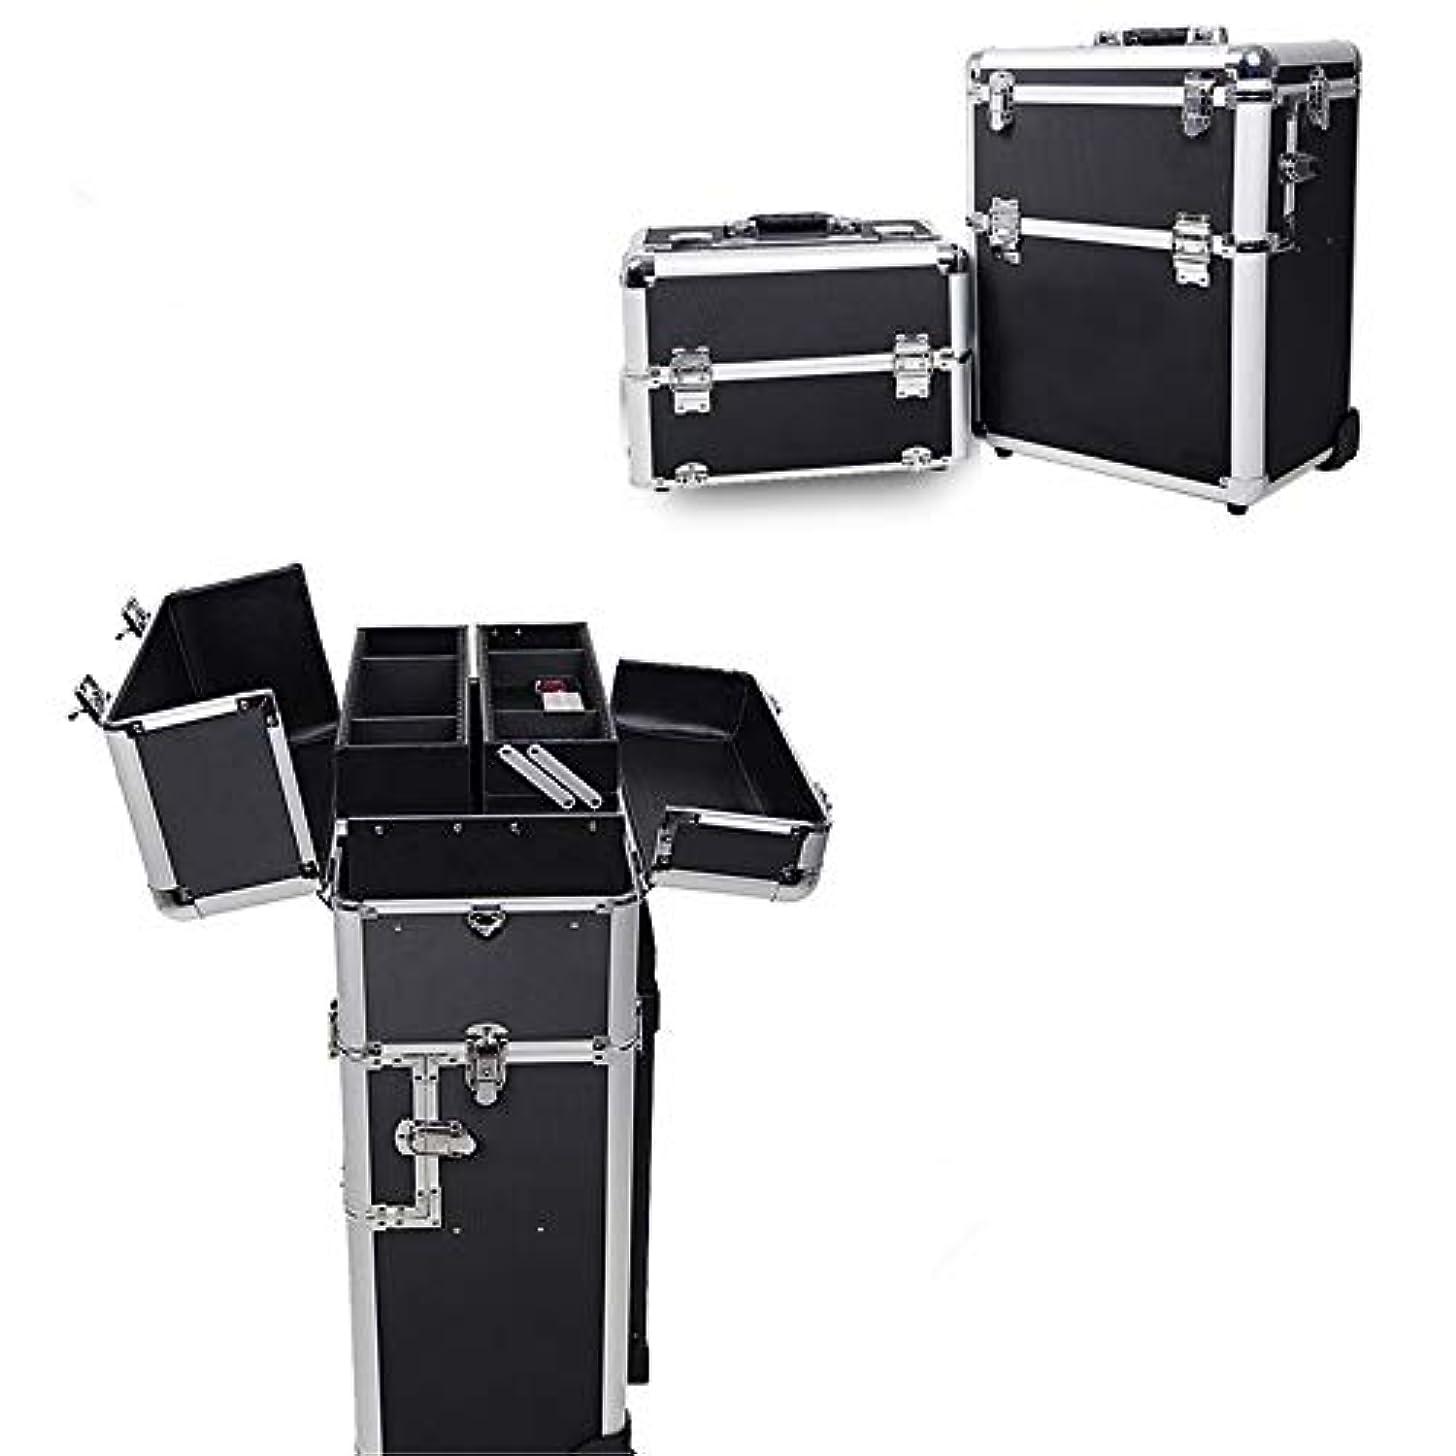 すぐにささいな賛美歌化粧オーガナイザーバッグ 旅行メイクバッグ3層スーツケースメイク化粧品バッグポータブルトイレタージュ化粧ケース 化粧品ケース